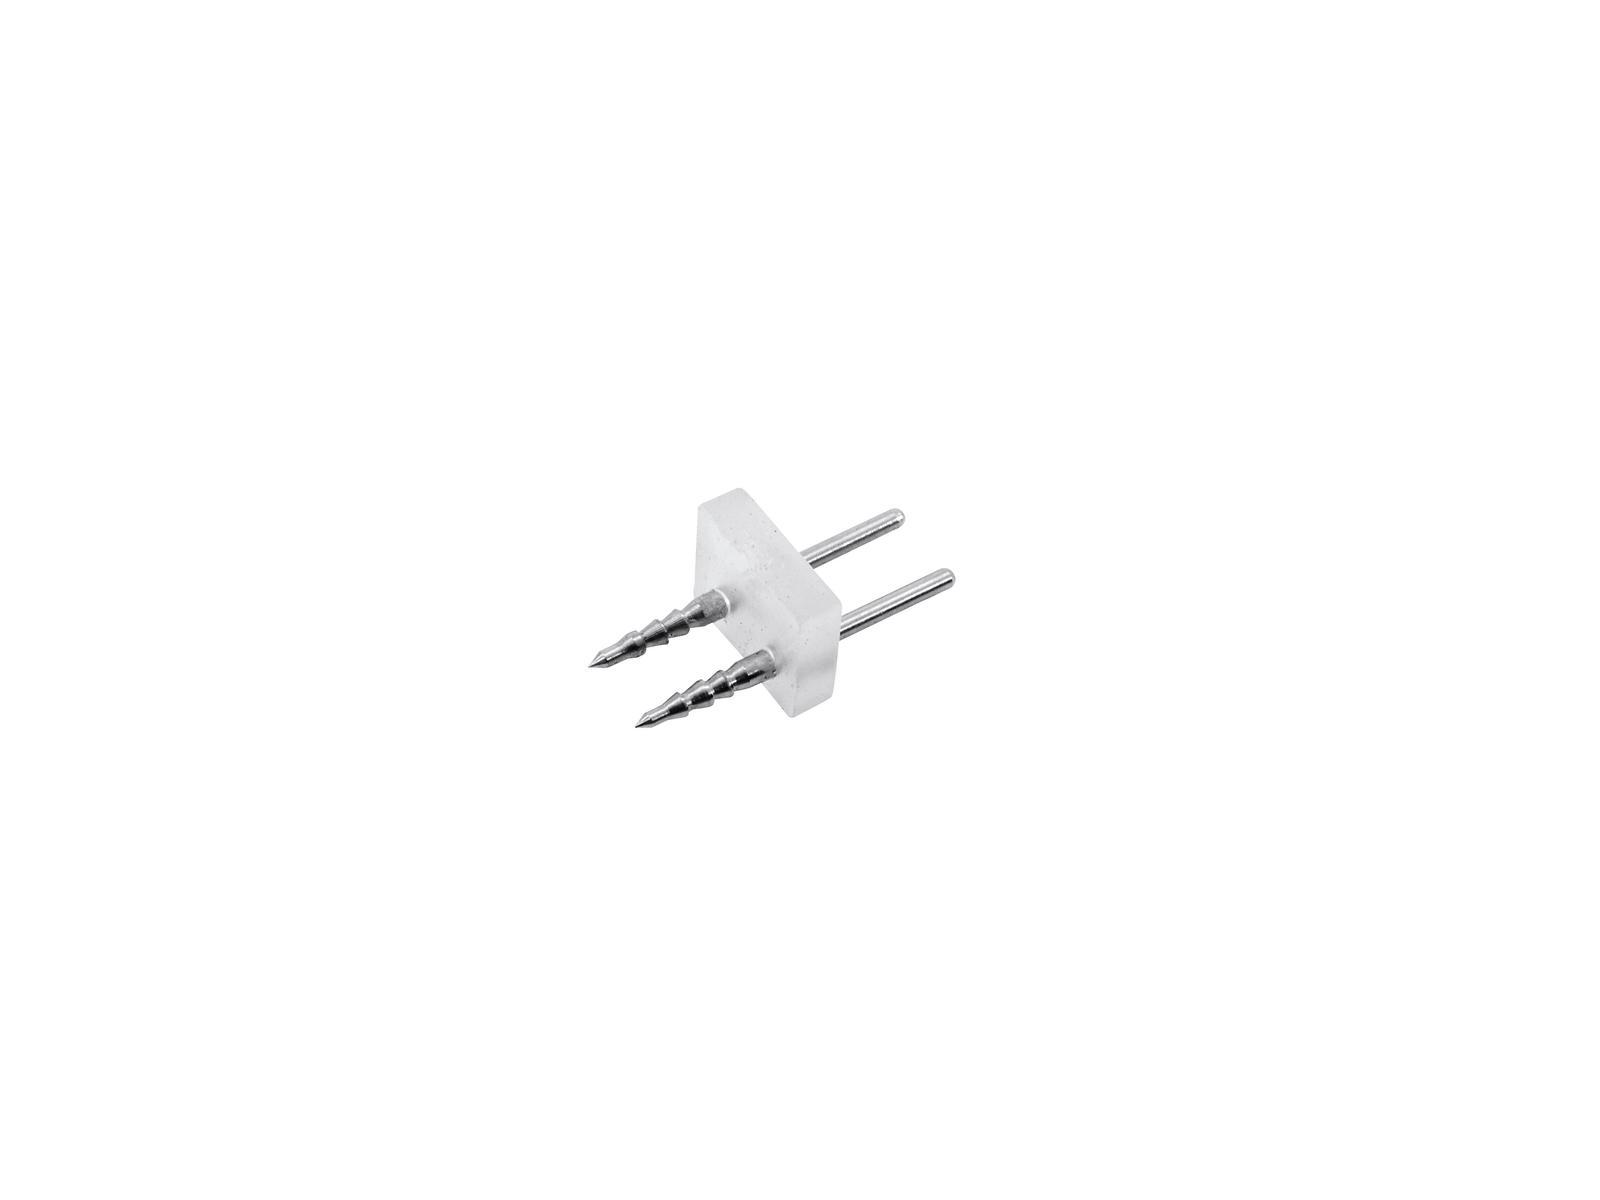 EUROLITE LED Neon Flex CE potenza pin di contatto